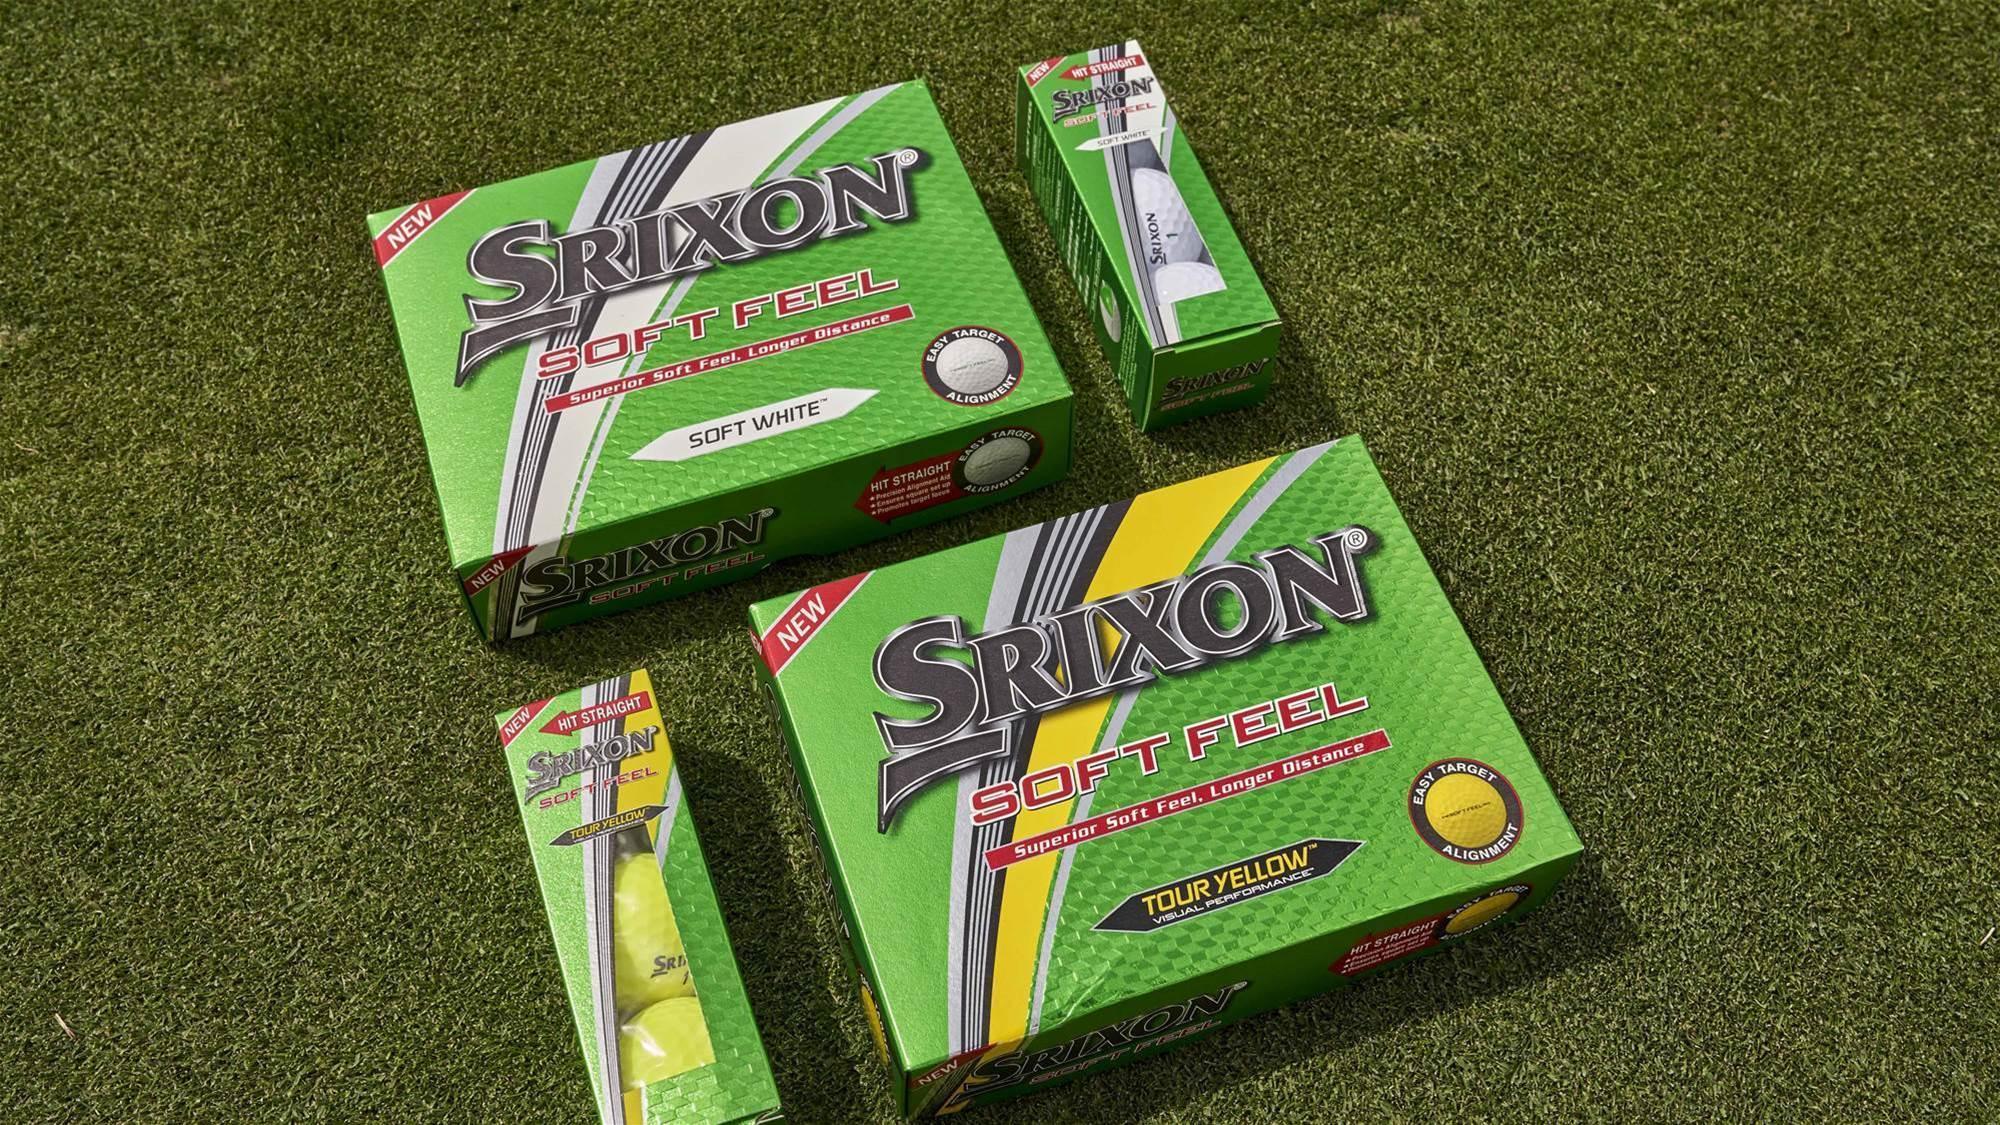 Srixon releases new Soft Feel and UltiSoft golf balls